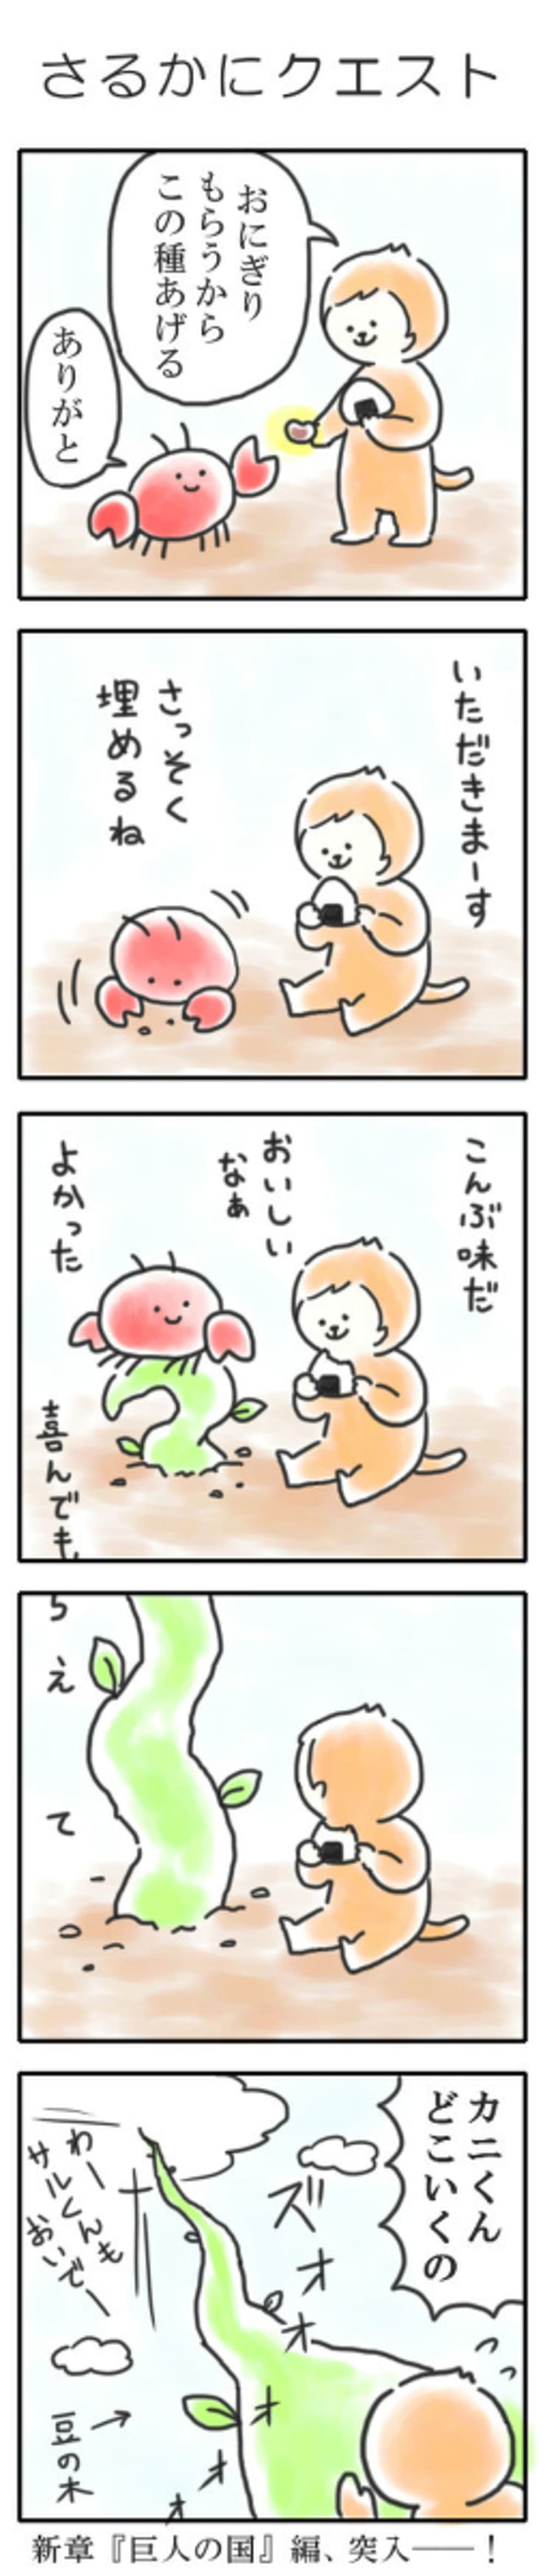 69352244_p1_master1200